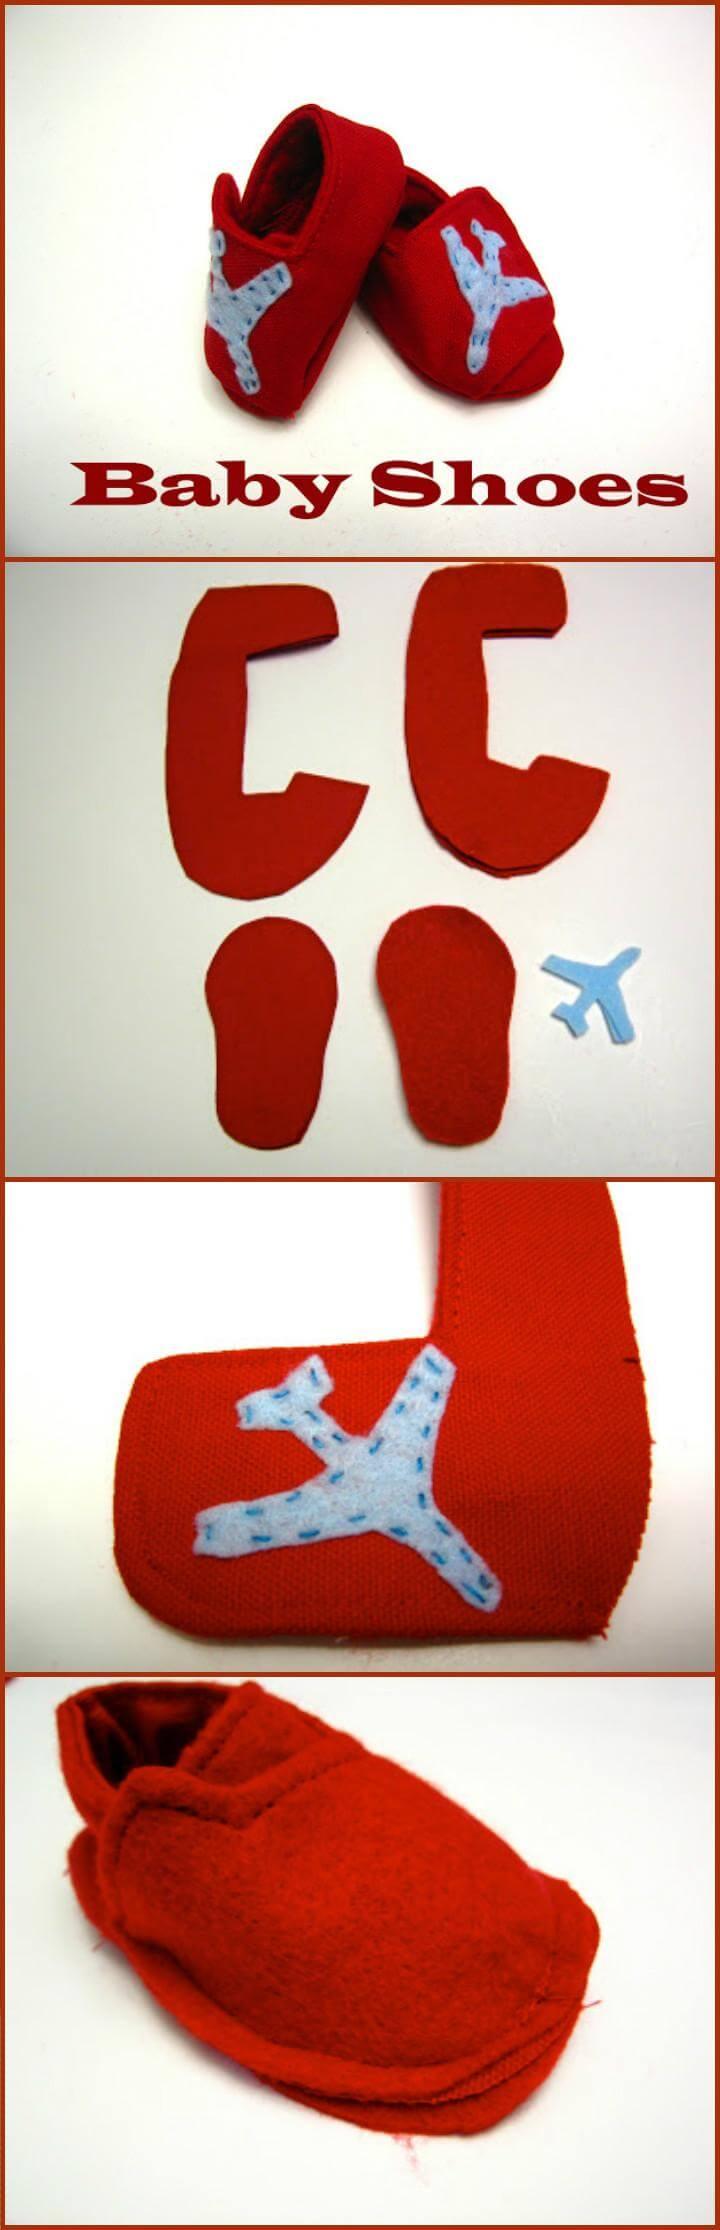 zapatos de bebé rojos hechos a mano con adorno de avión